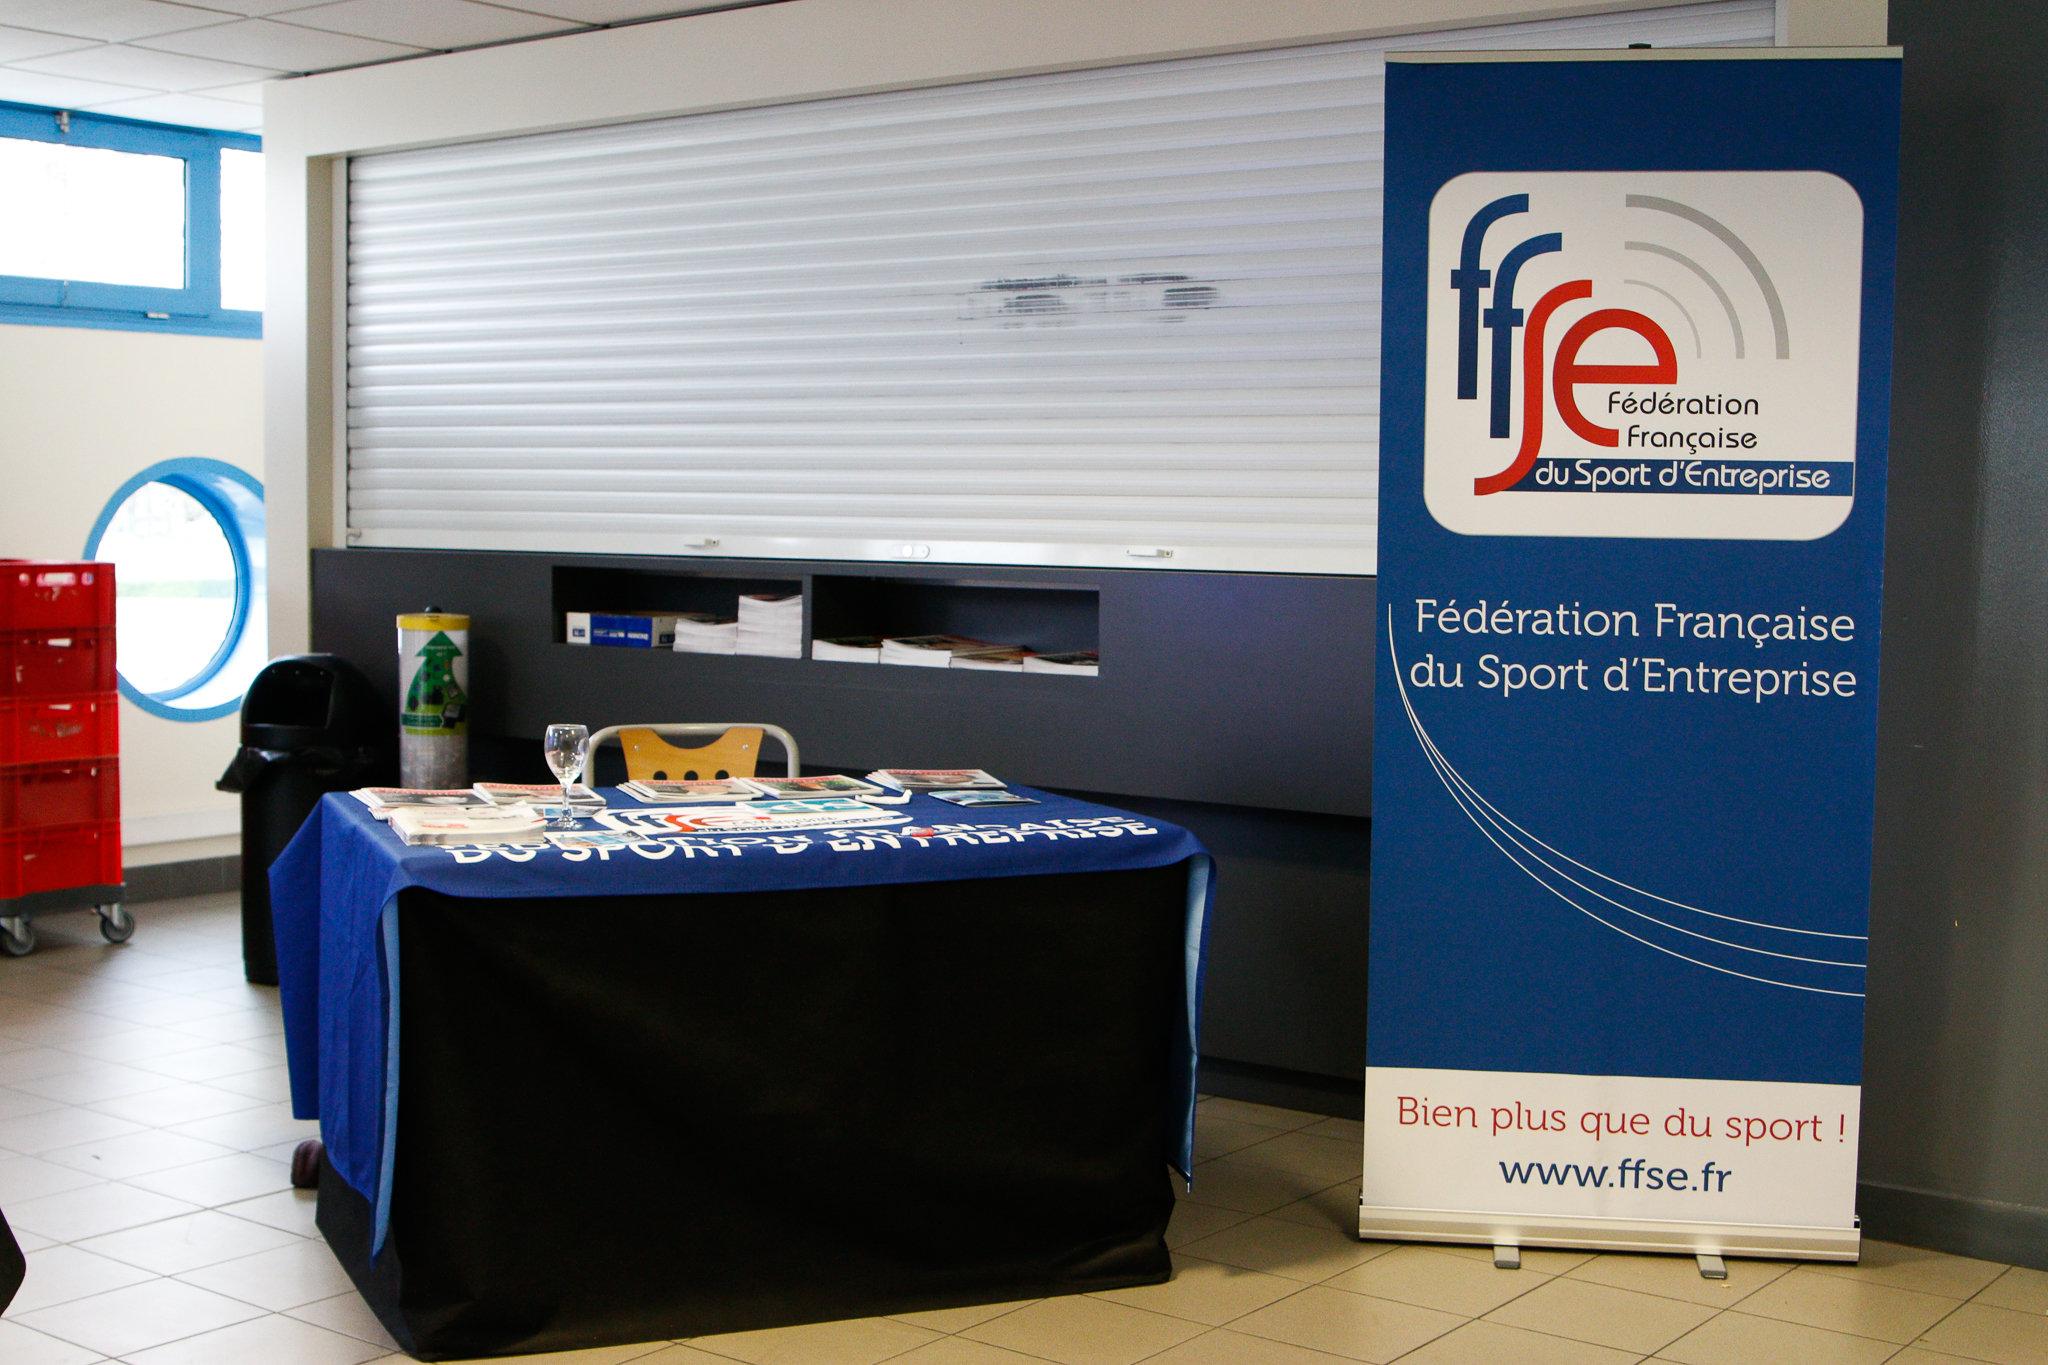 Le stand de la FFSE, le calme avant le tempête